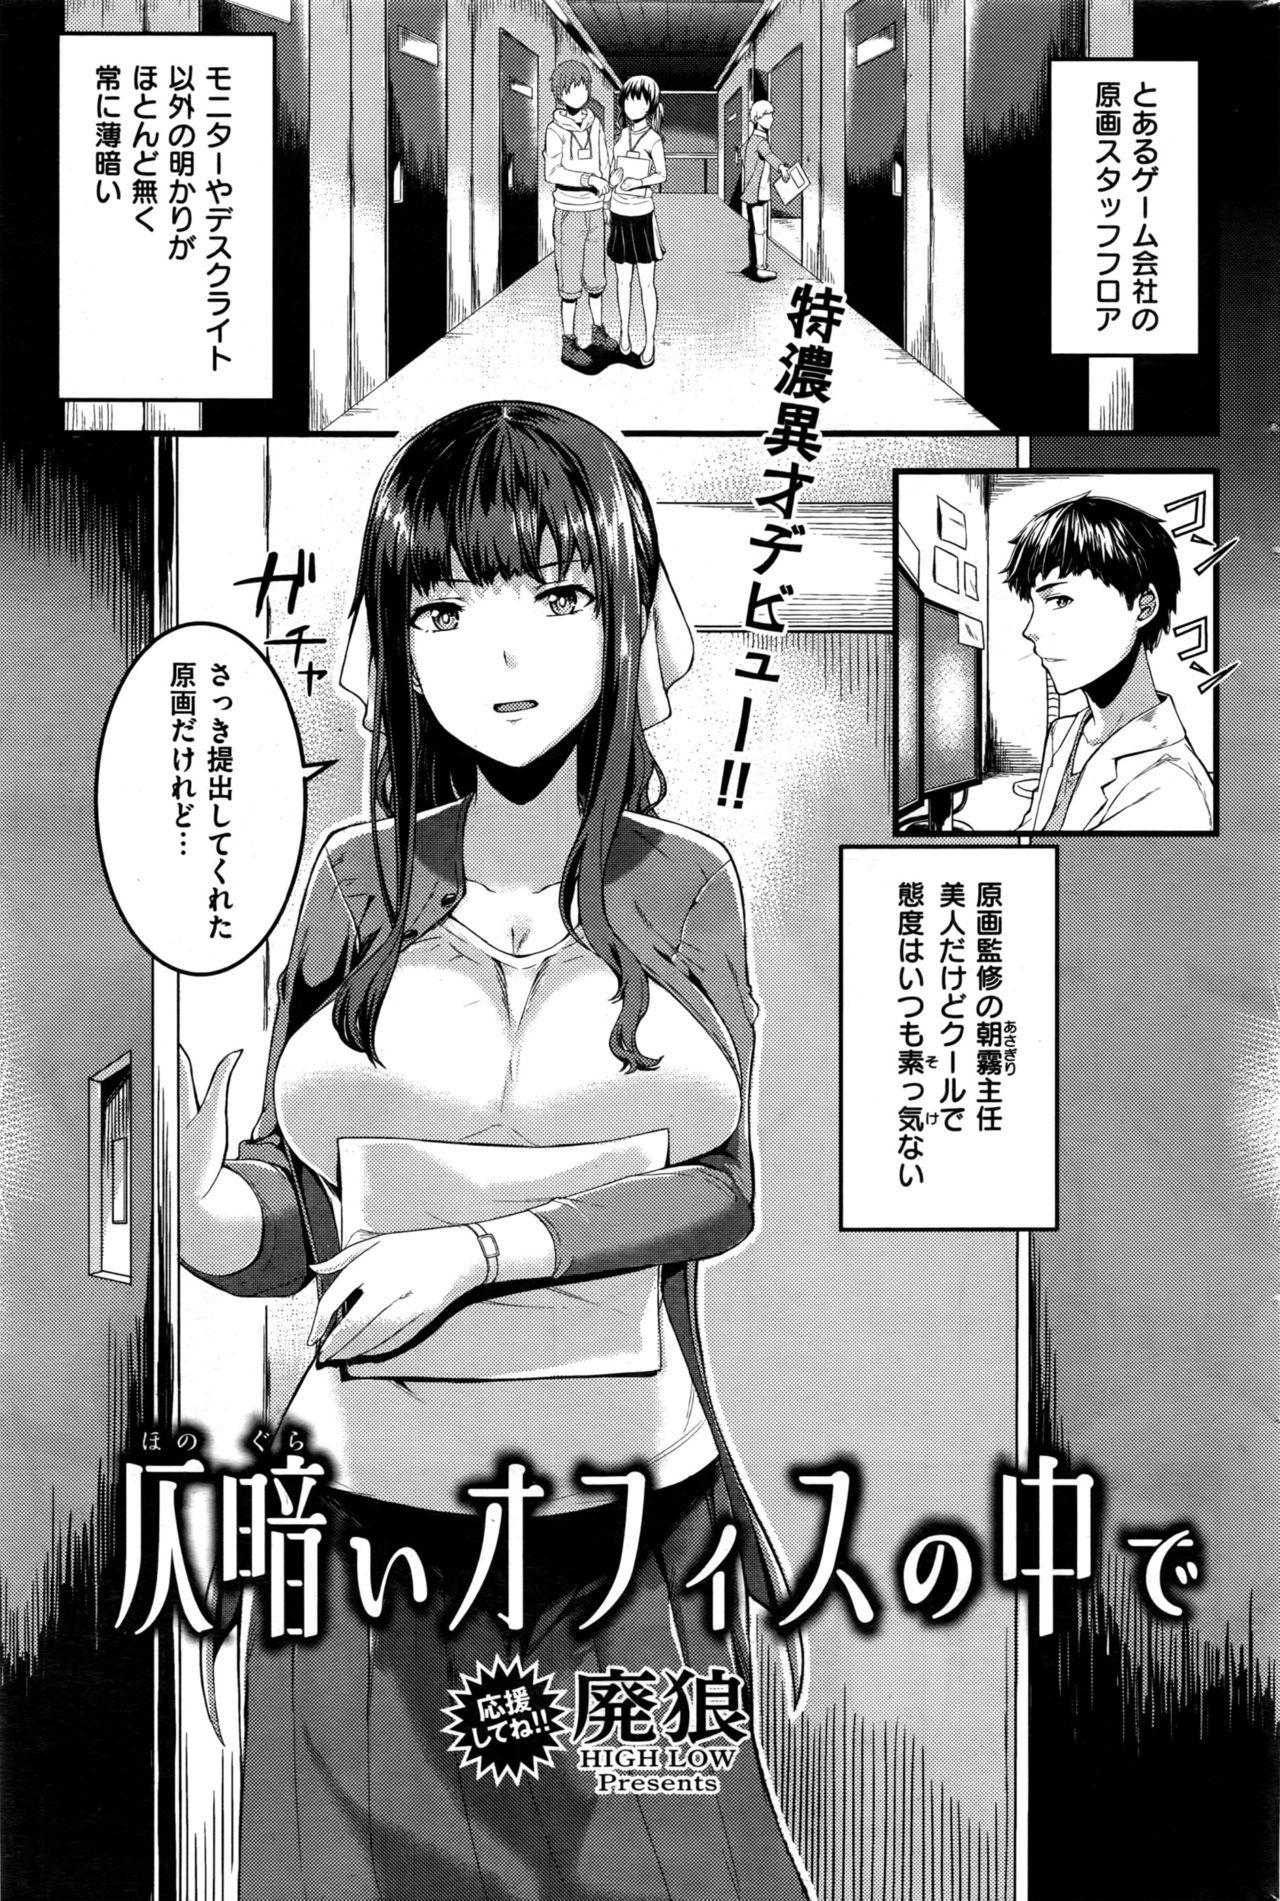 COMIC Kairakuten BEAST 2016-10 244